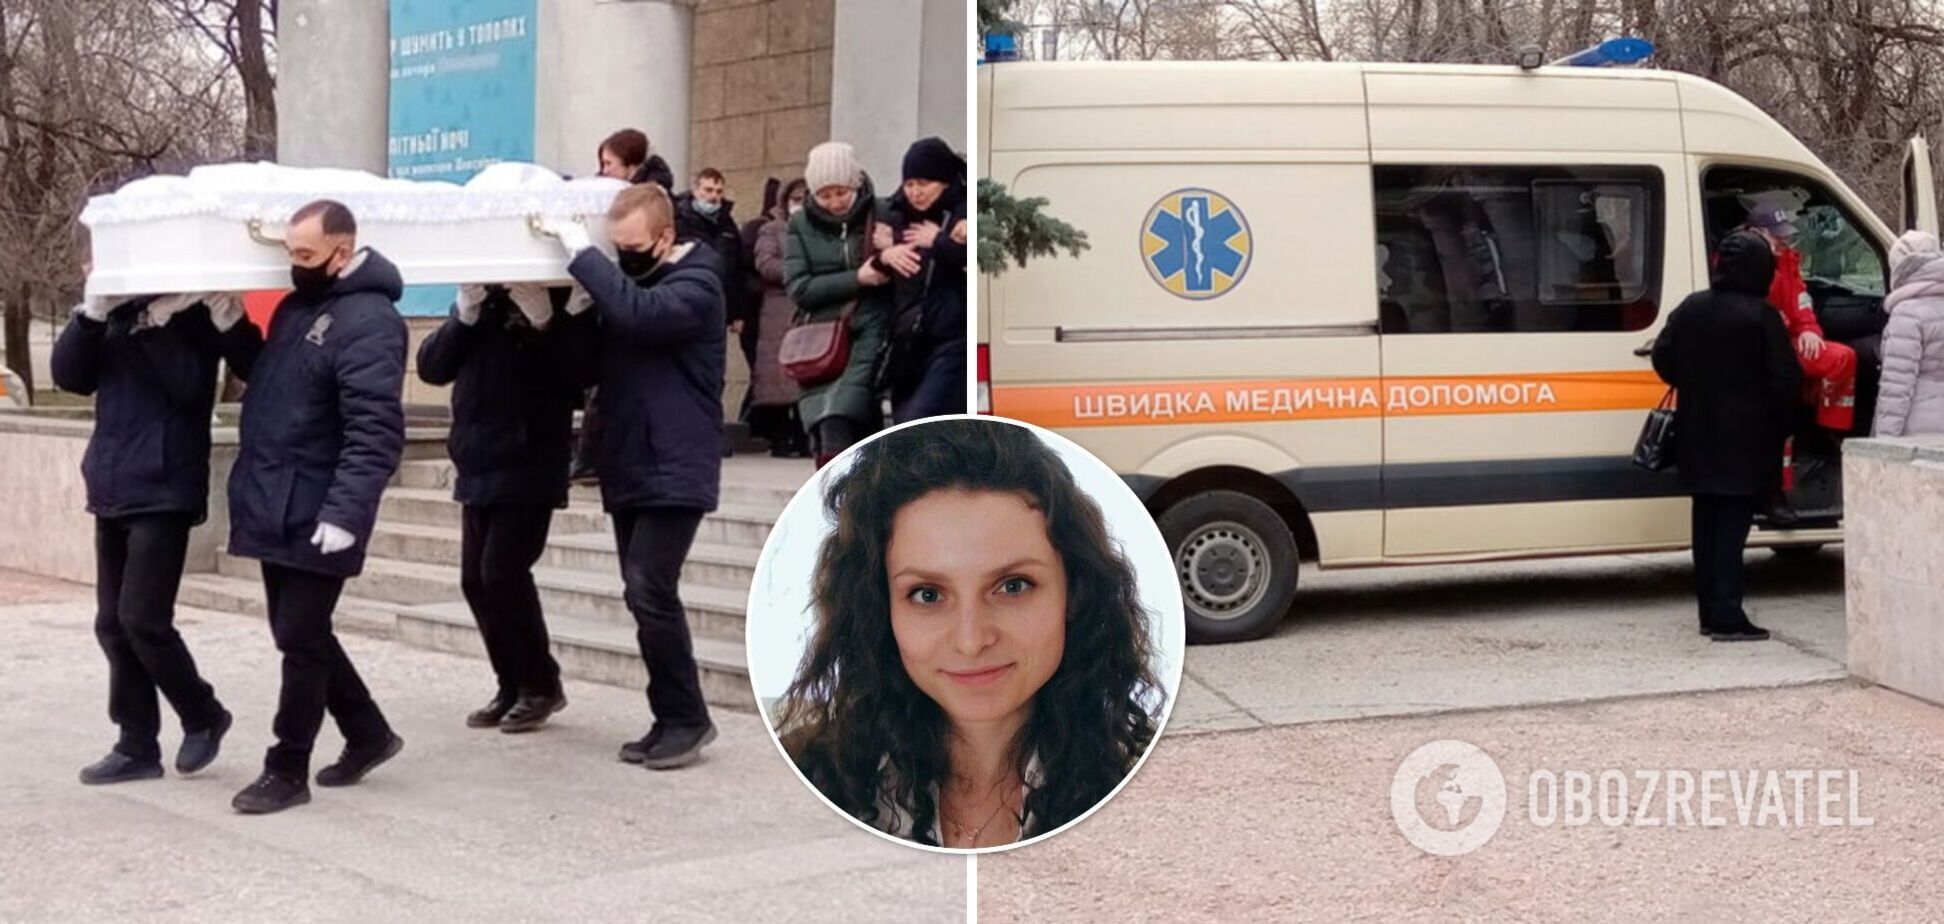 В Запорожье простились с врачом, которая героически погибла в пожаре. Фото